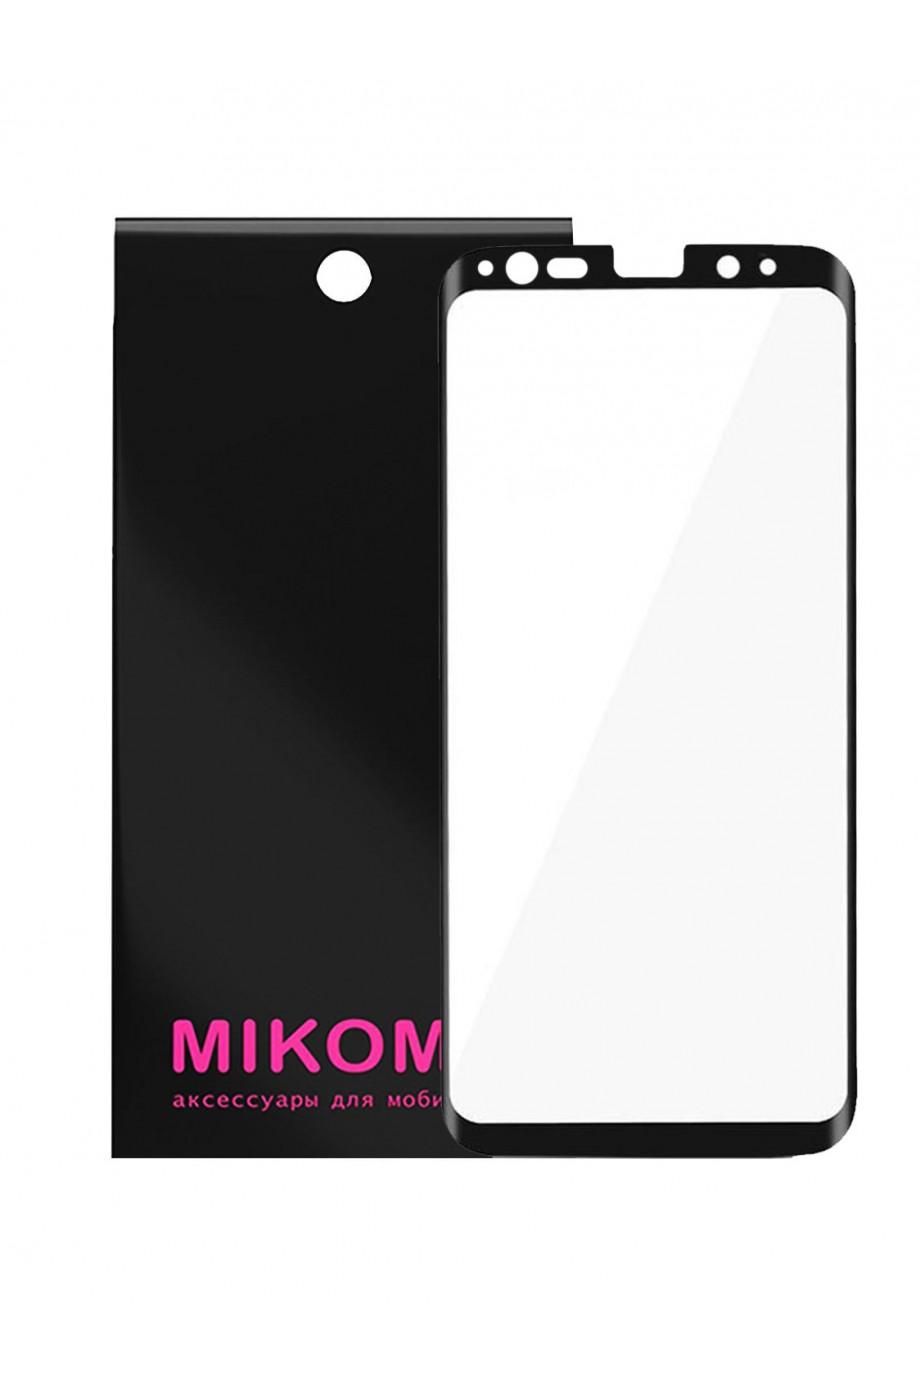 Защитное стекло 3D Mikomo для Samsung Galaxy Note 9, черная рамка, полный клей, ver2